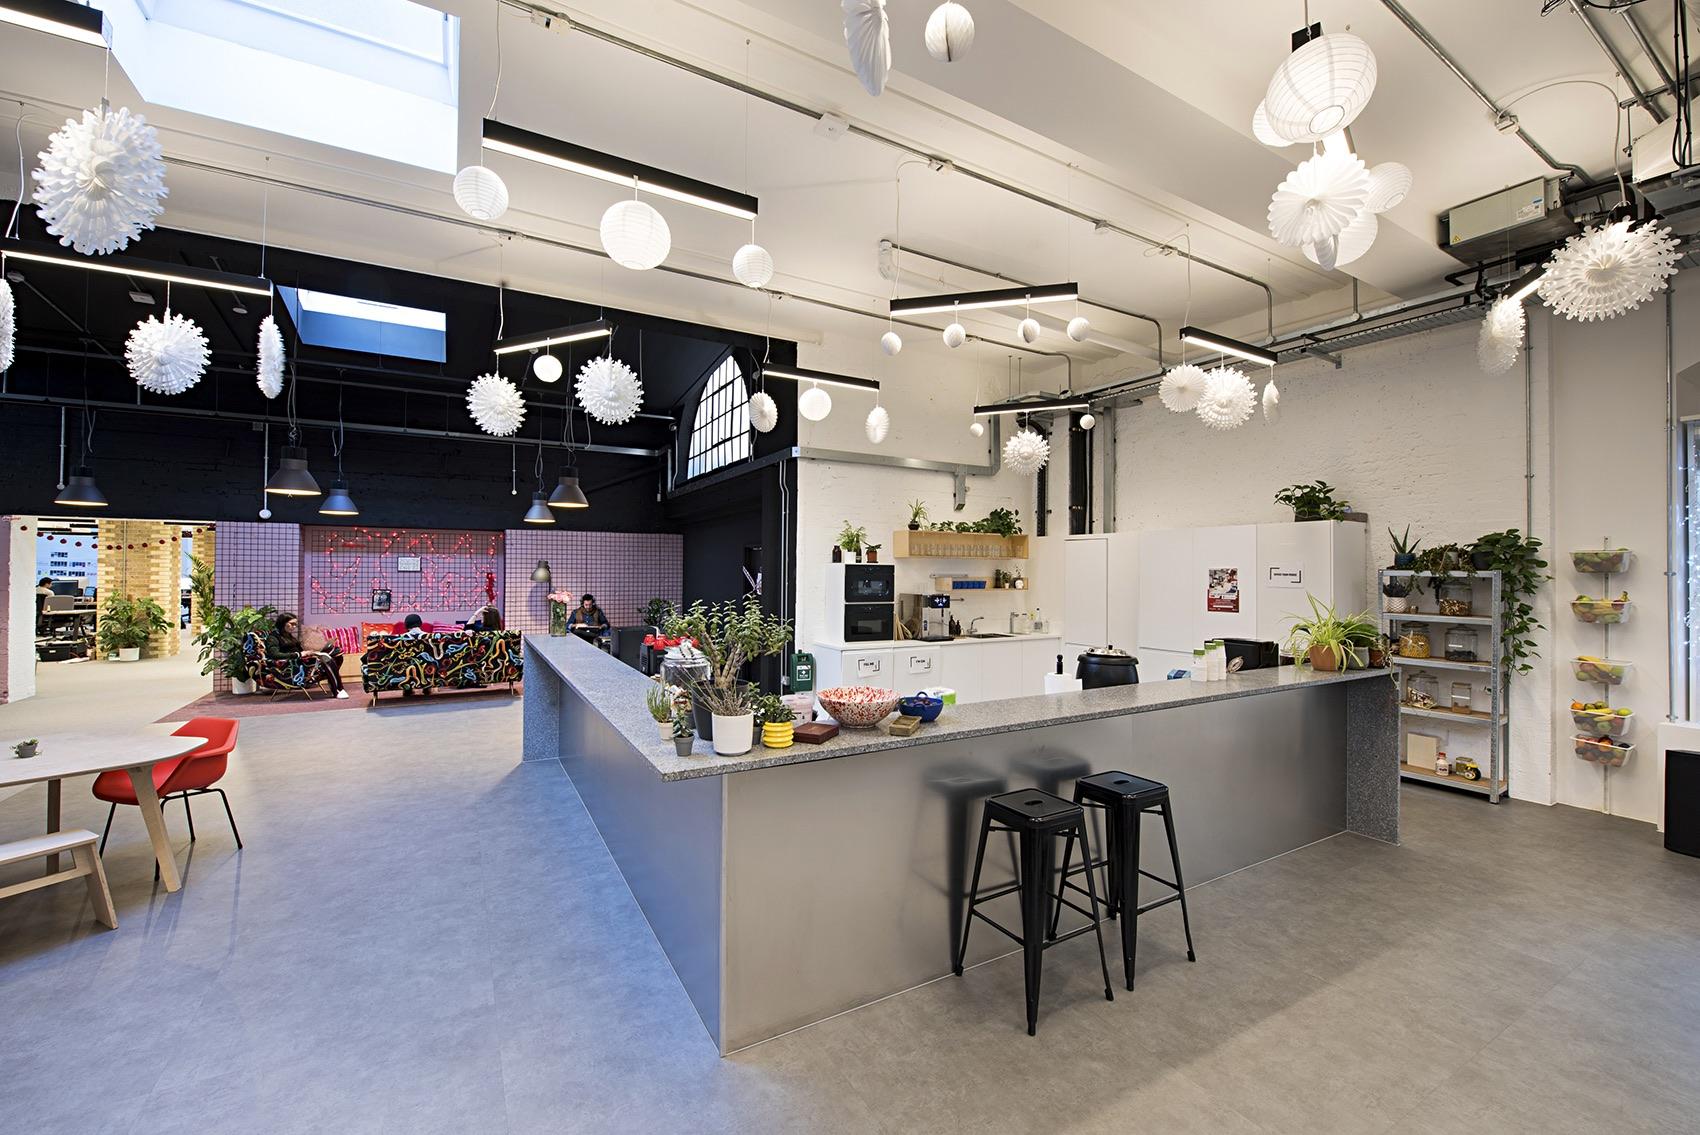 depop-london-office-1